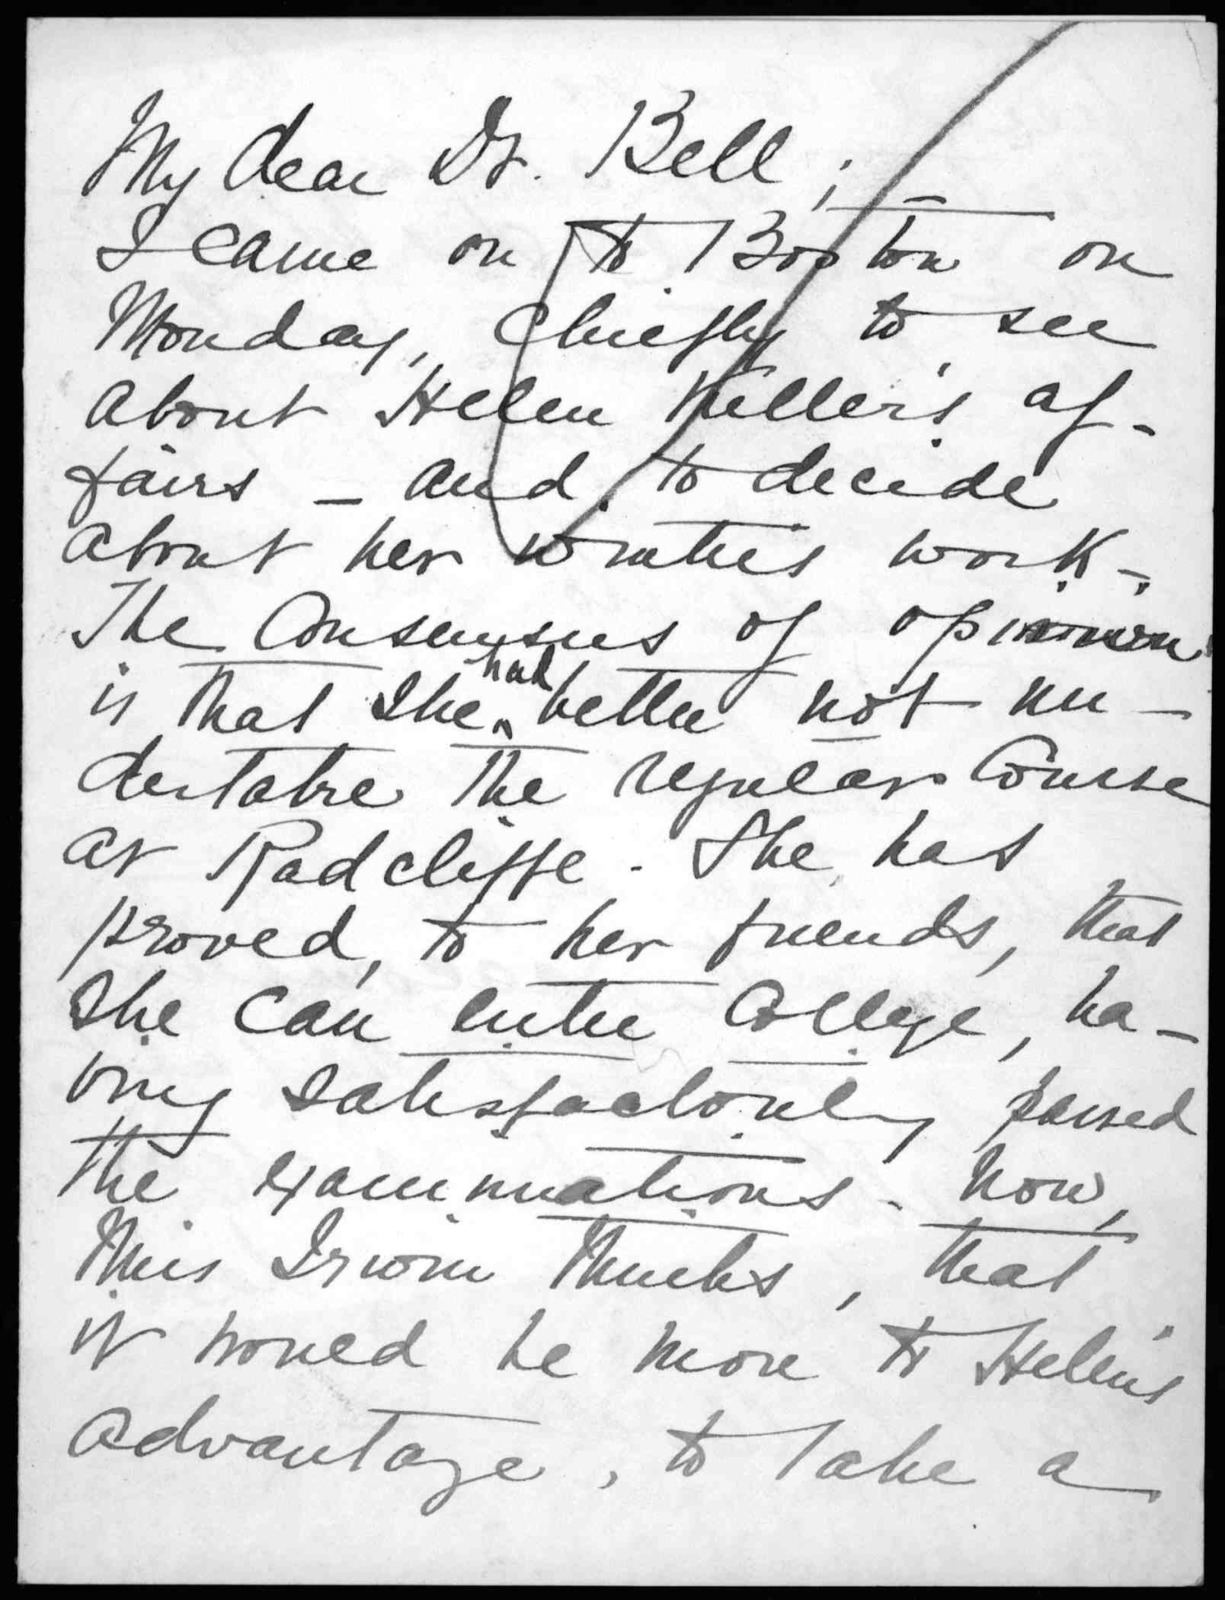 Letter from Eleanor V. Hutton to Alexander Graham Bell, September 21